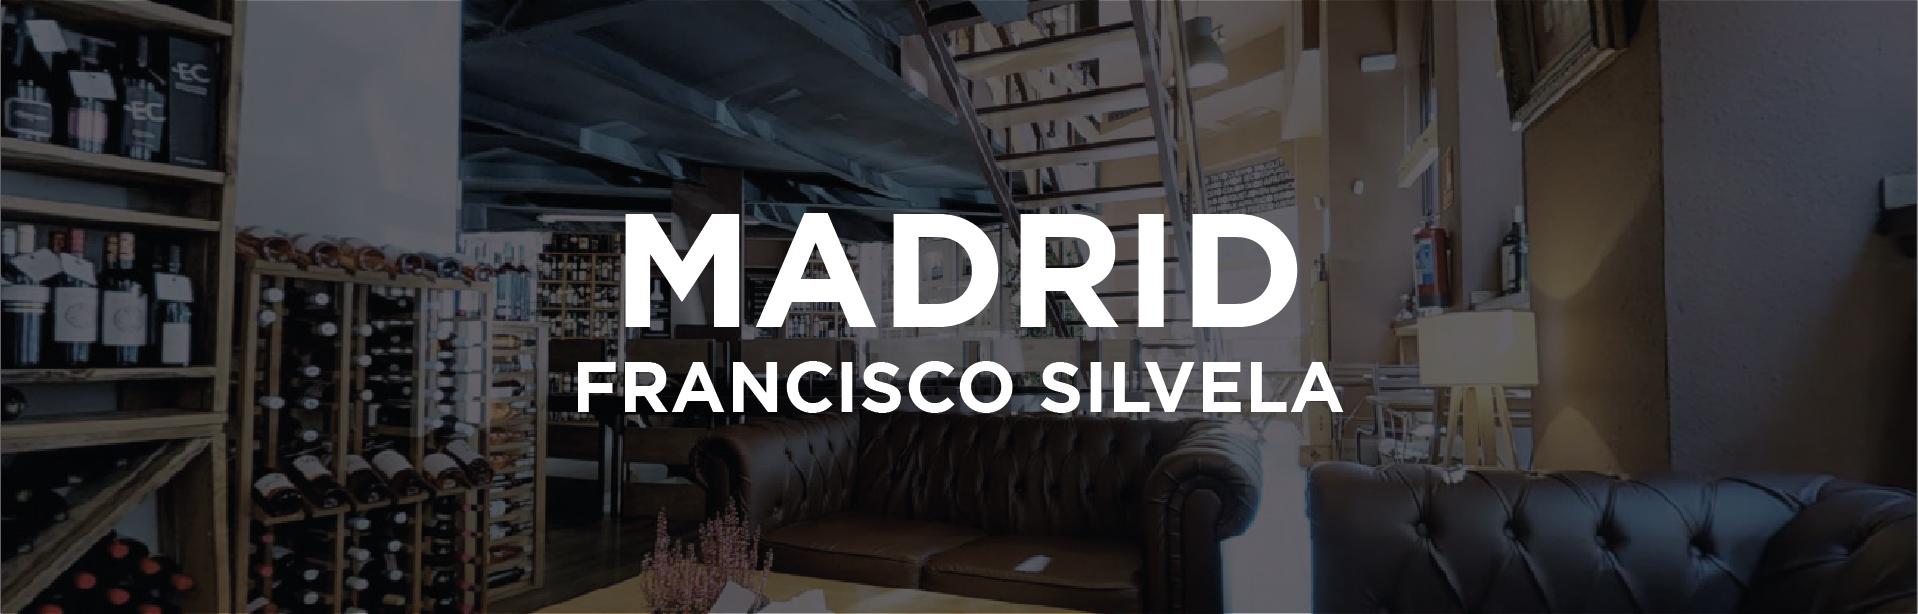 Alquiler de espacio para eventos en Madrid